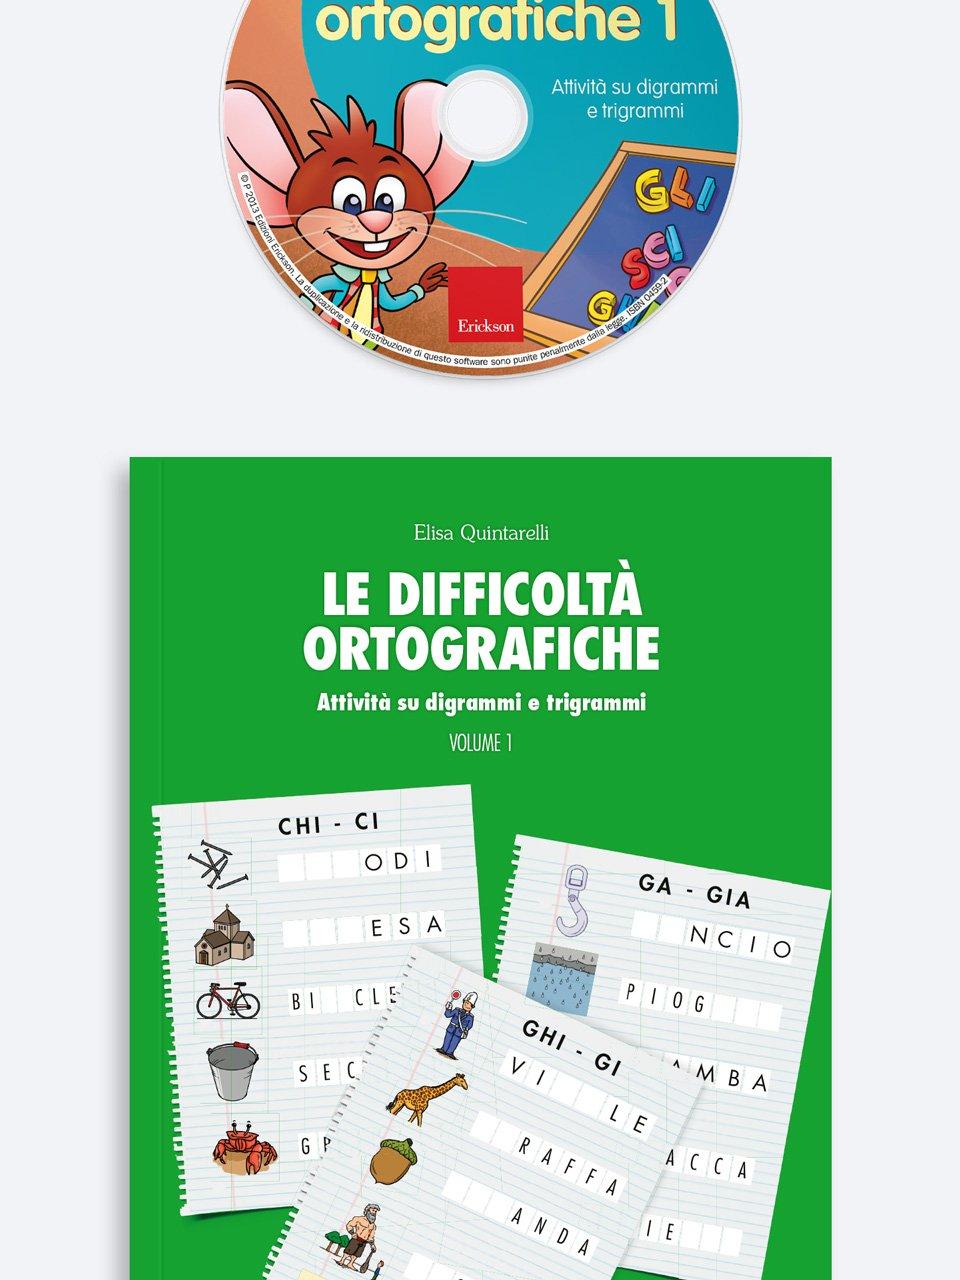 Le difficoltà ortografiche - Volume 1 - Tablet delle regole di Italiano - Libri - Erickson